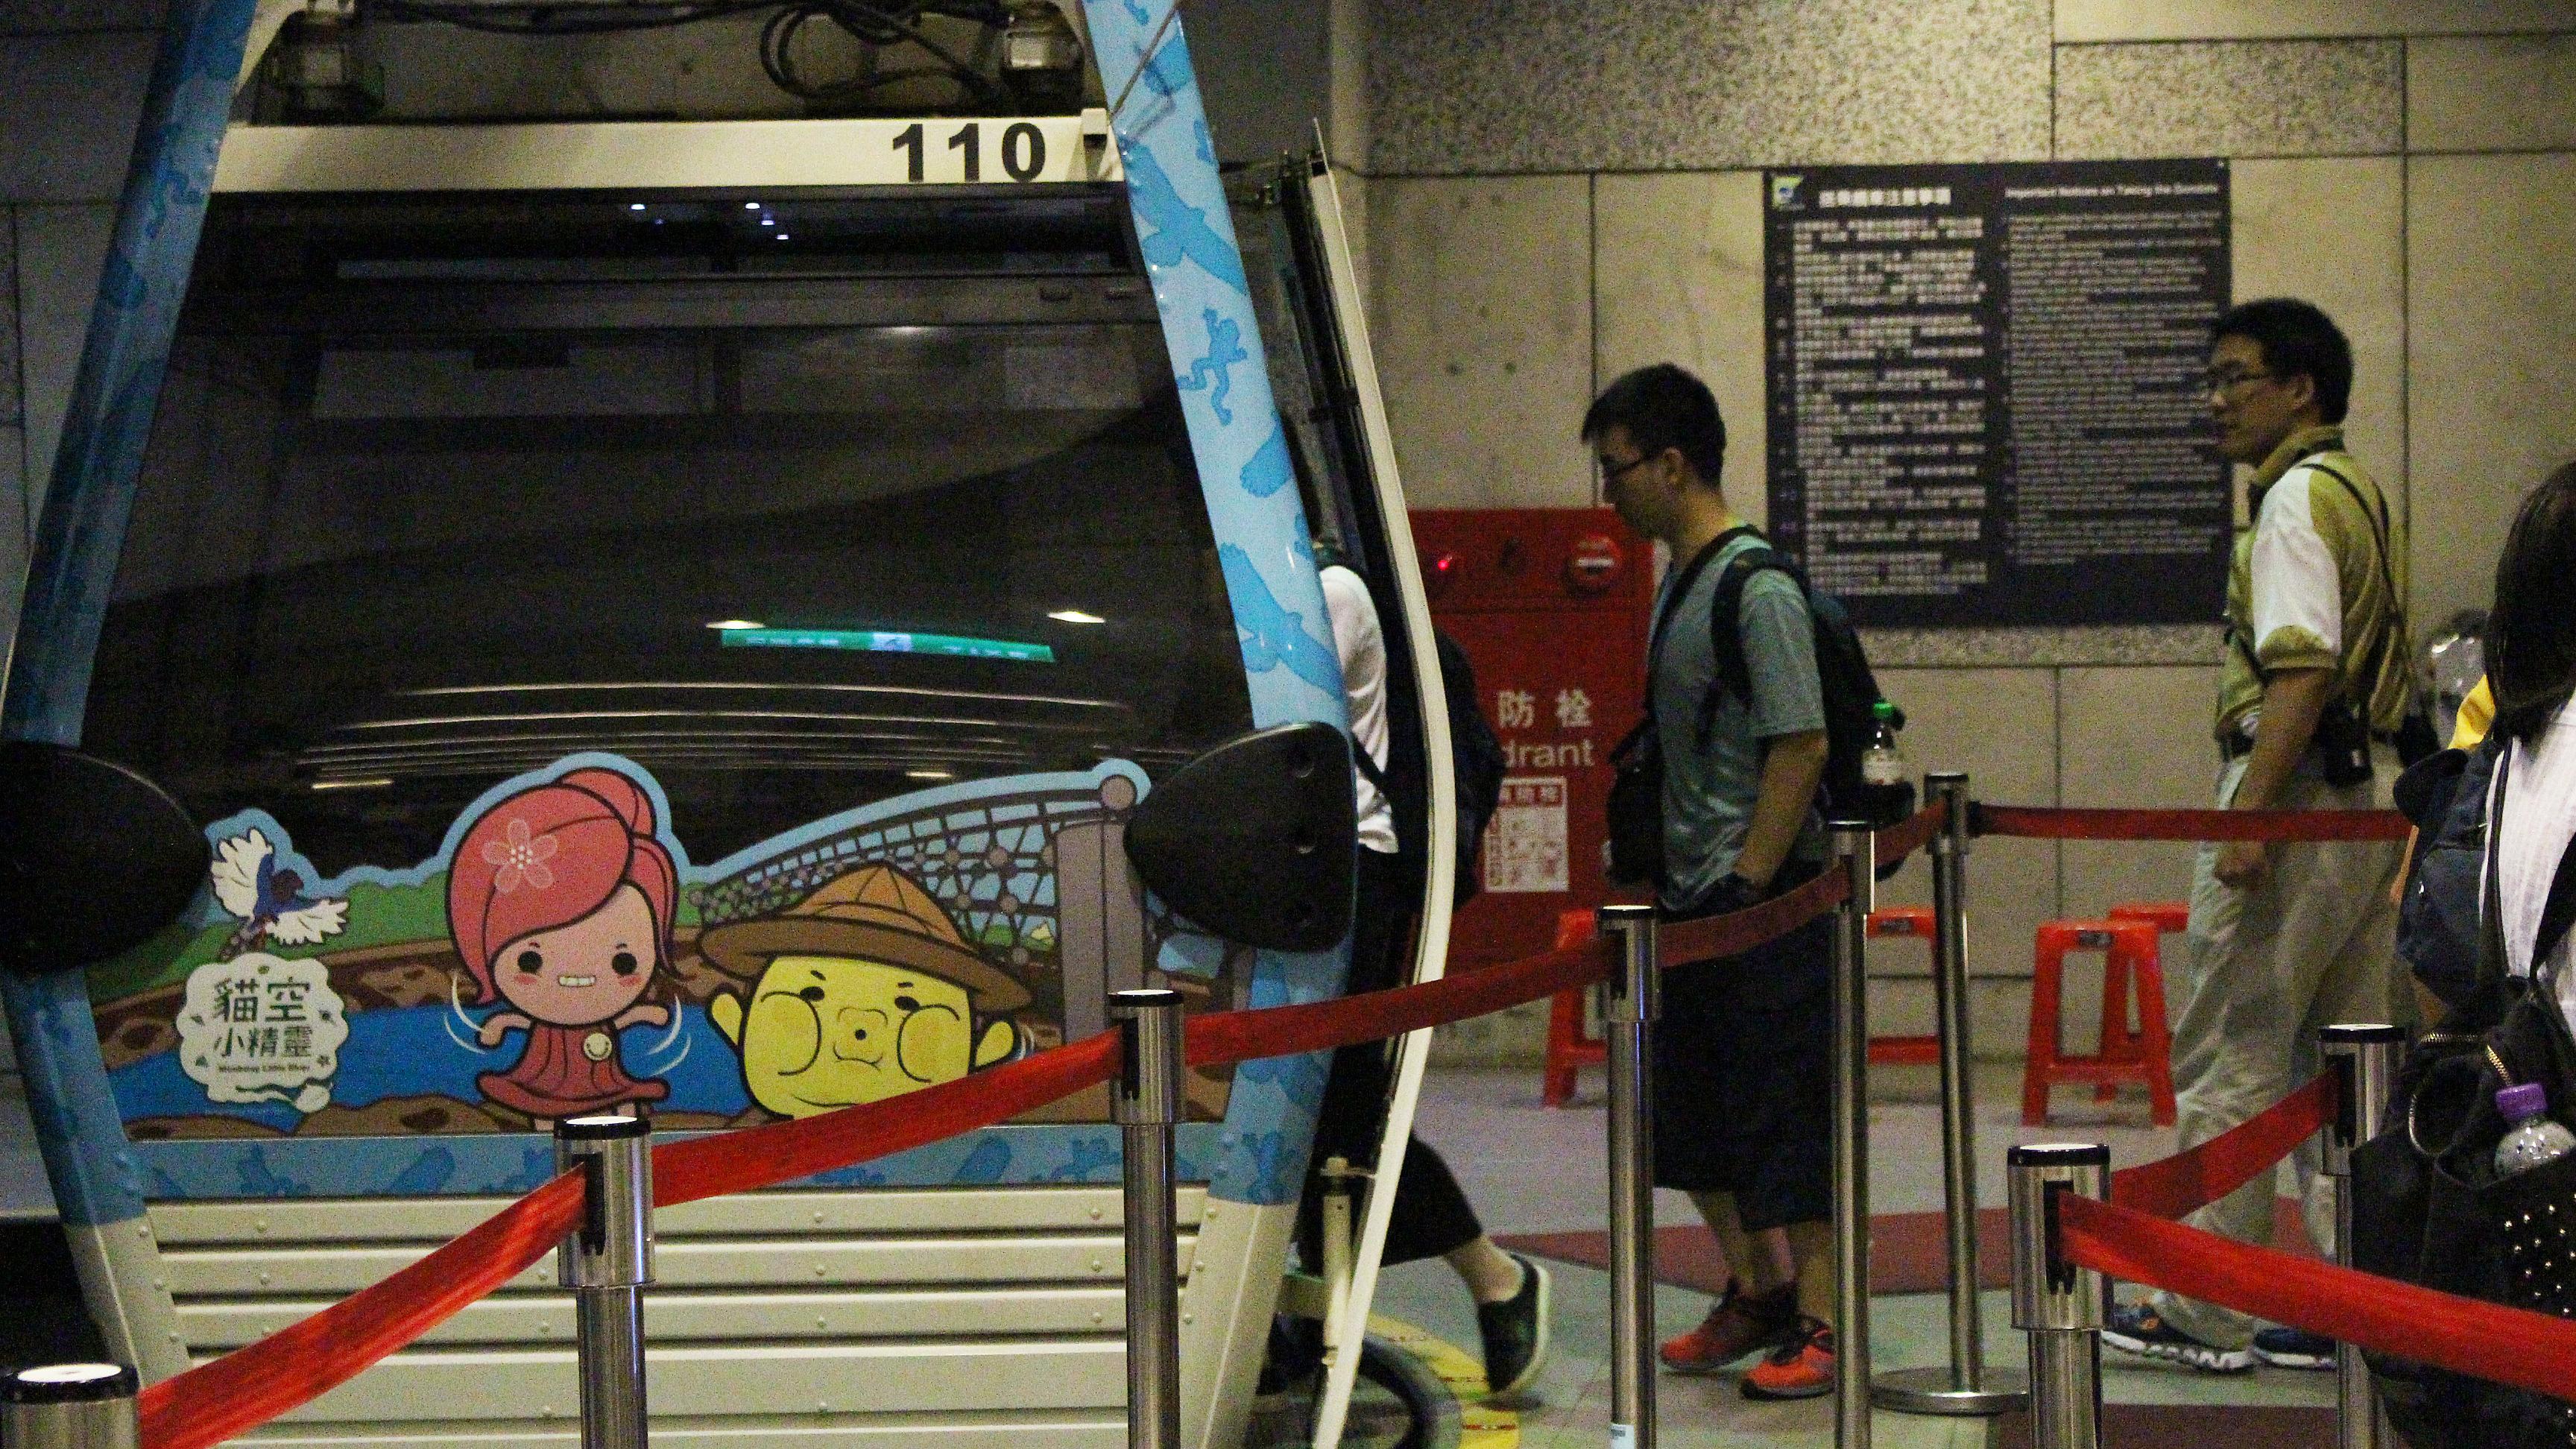 遊客將纜車作為交通工具搭乘至各站或體驗纜車本身。攝影/周君燕